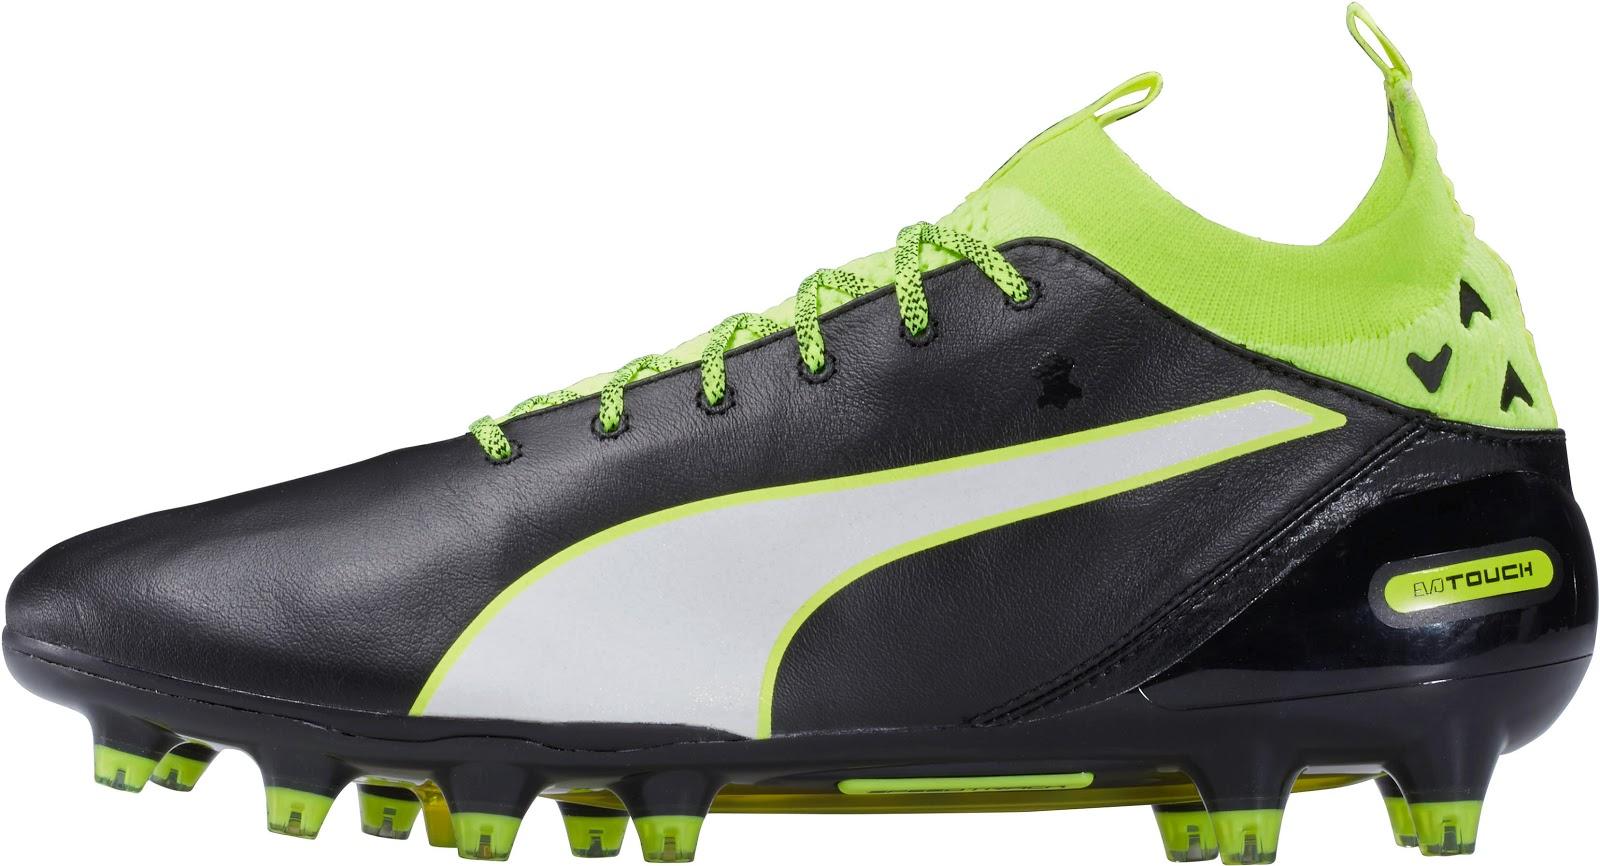 Giày đá bóng Puma evoTOUCH